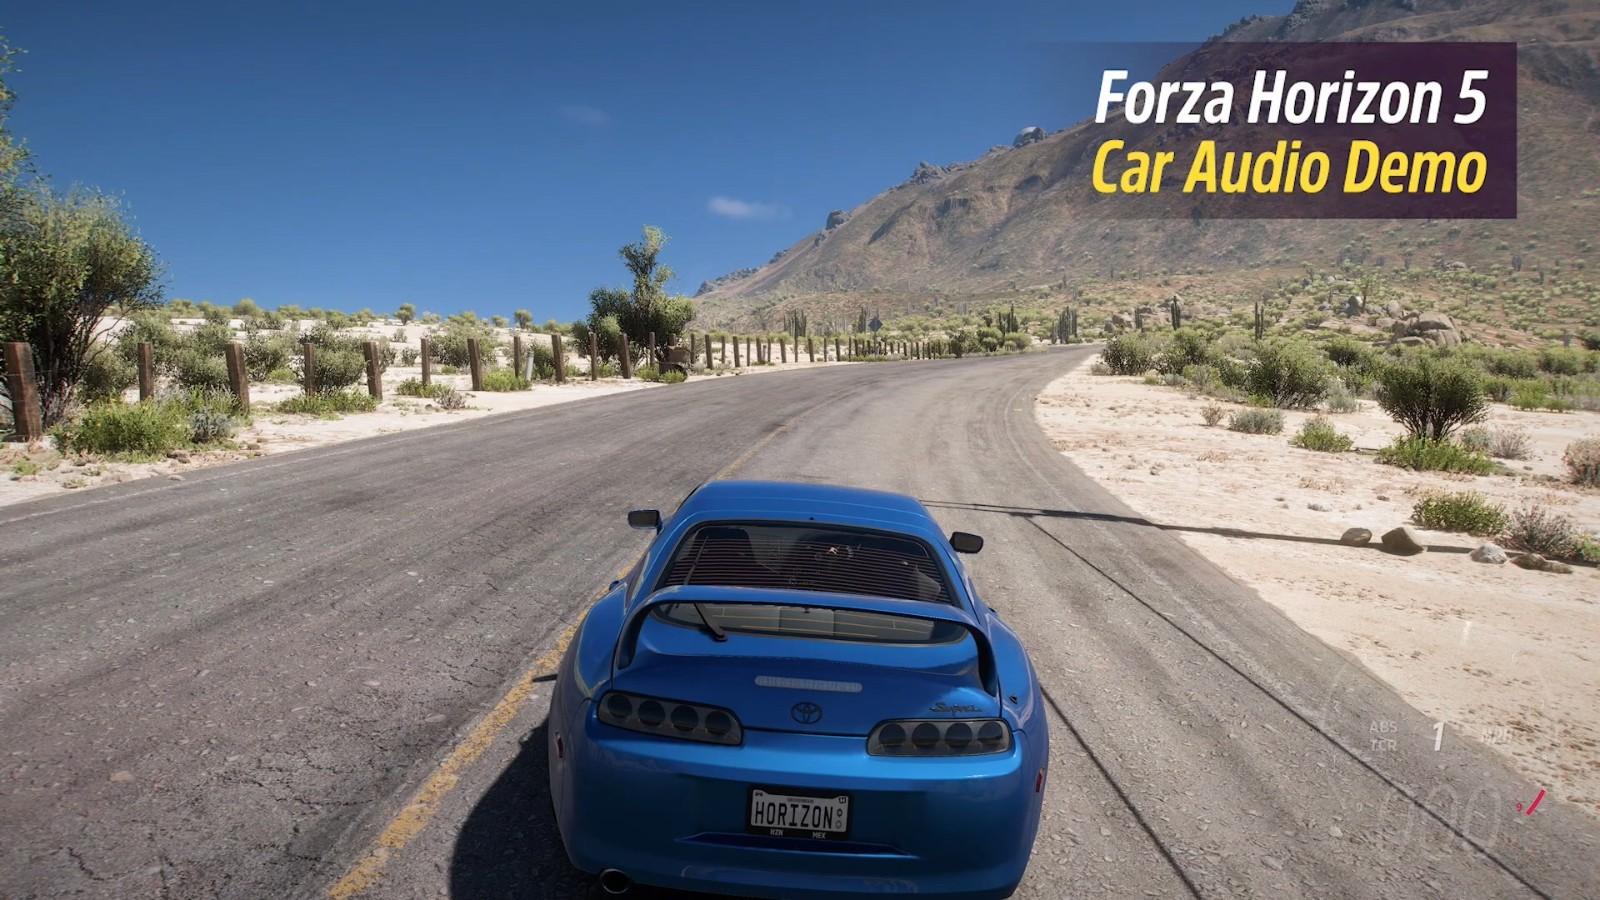 《极限竞速:地平线5》全新演示 展示游戏内汽车音效